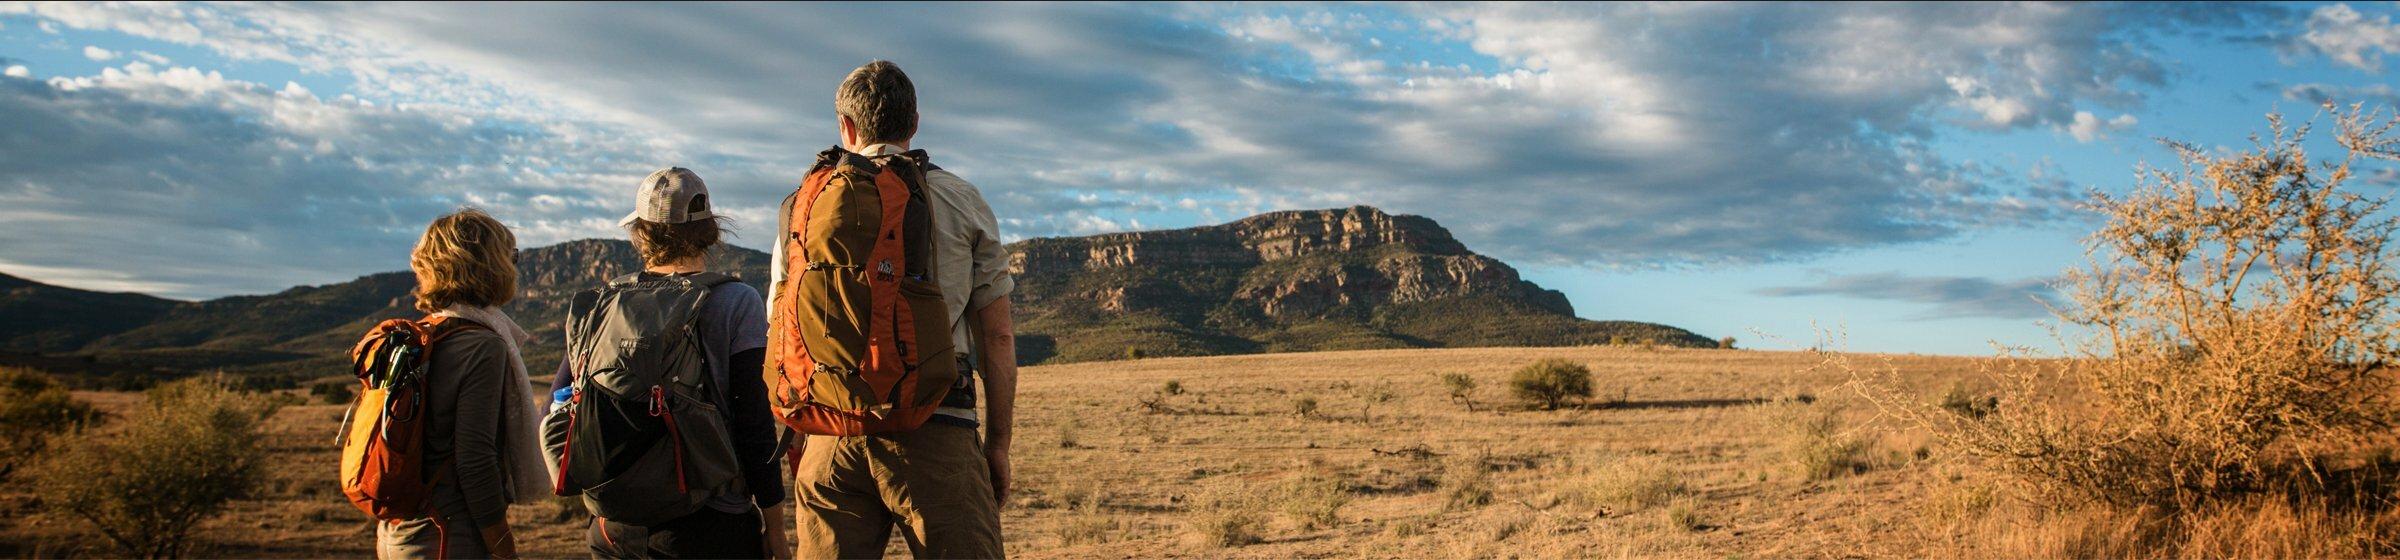 Group of walkers hiking in the Flinders Ranges in South Australia